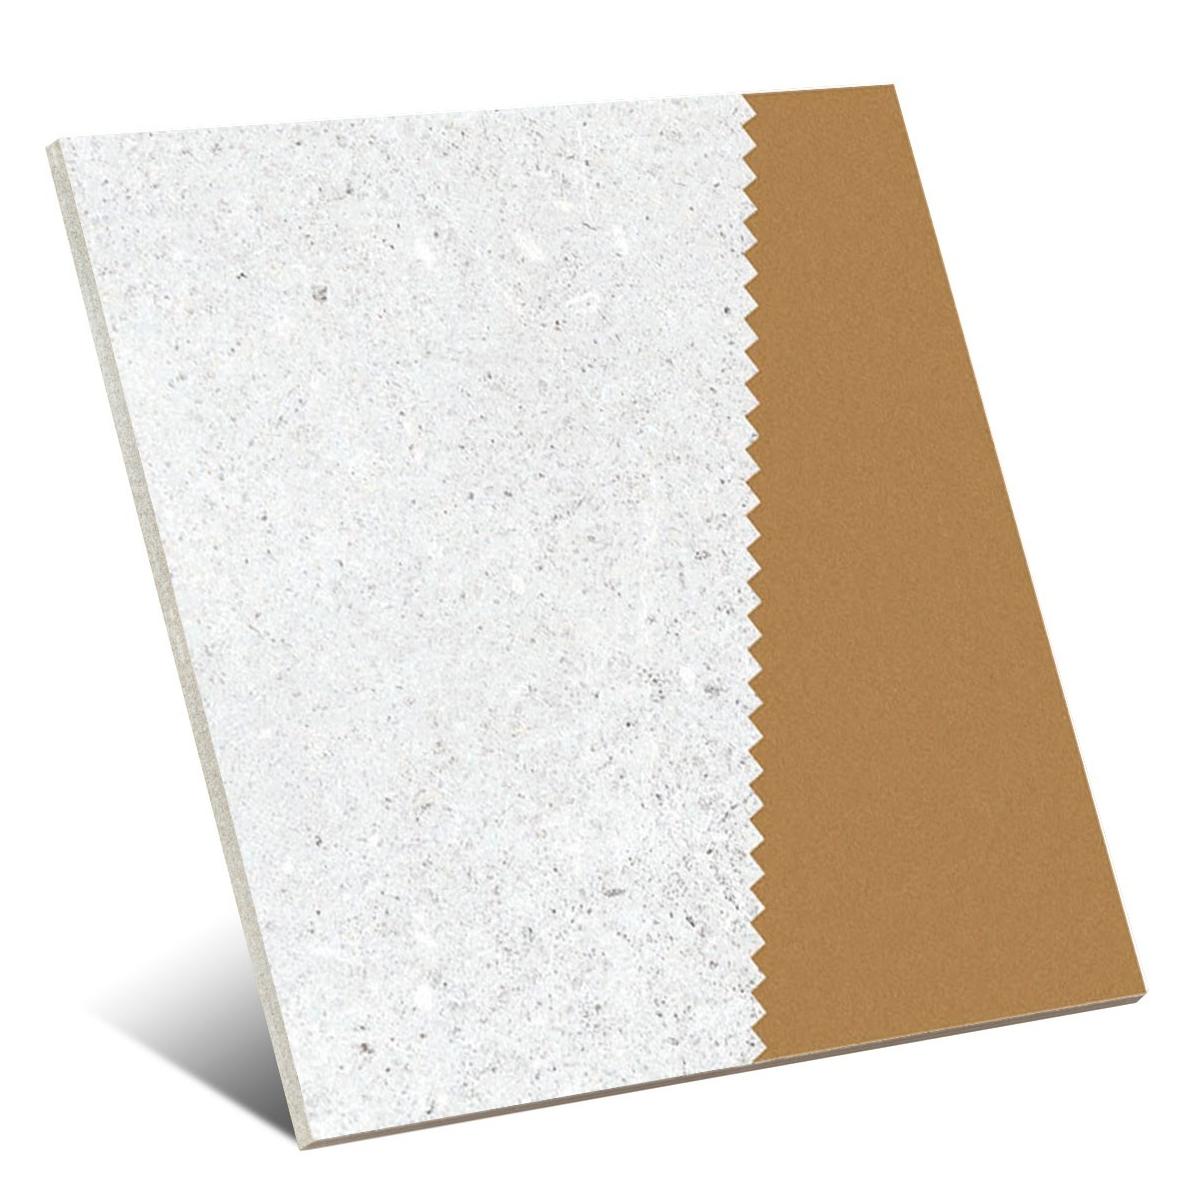 Kokomo Blanco Oro 20x20 (m2)